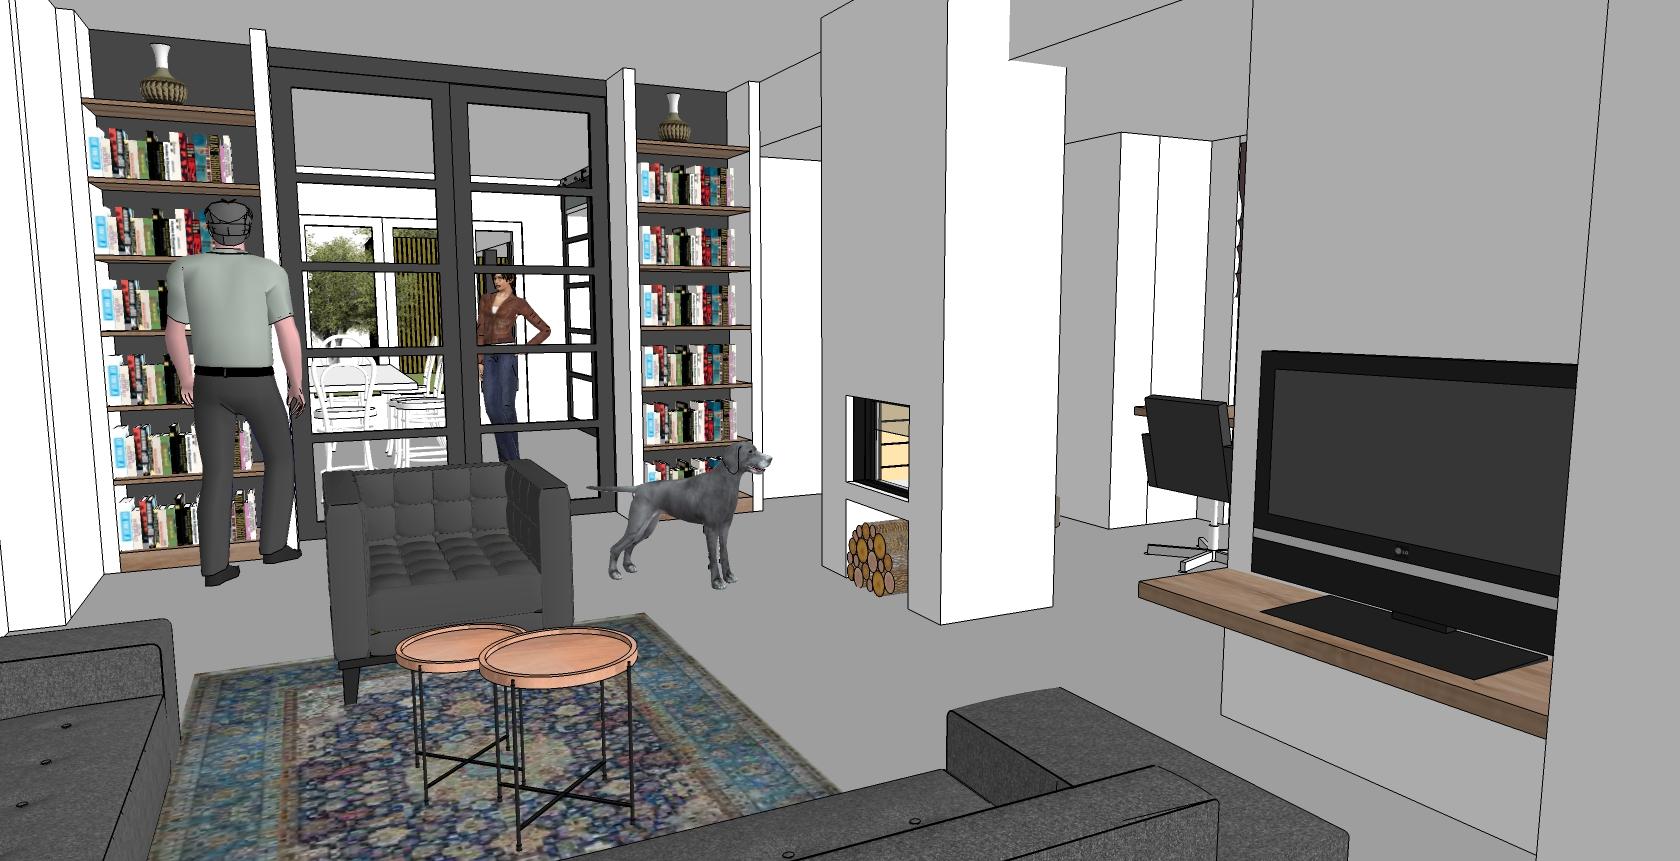 offiz-hoomz-interieuradvies-ontwerp-zeist-interieurvoorstel-uitbouw-woonkamer-8